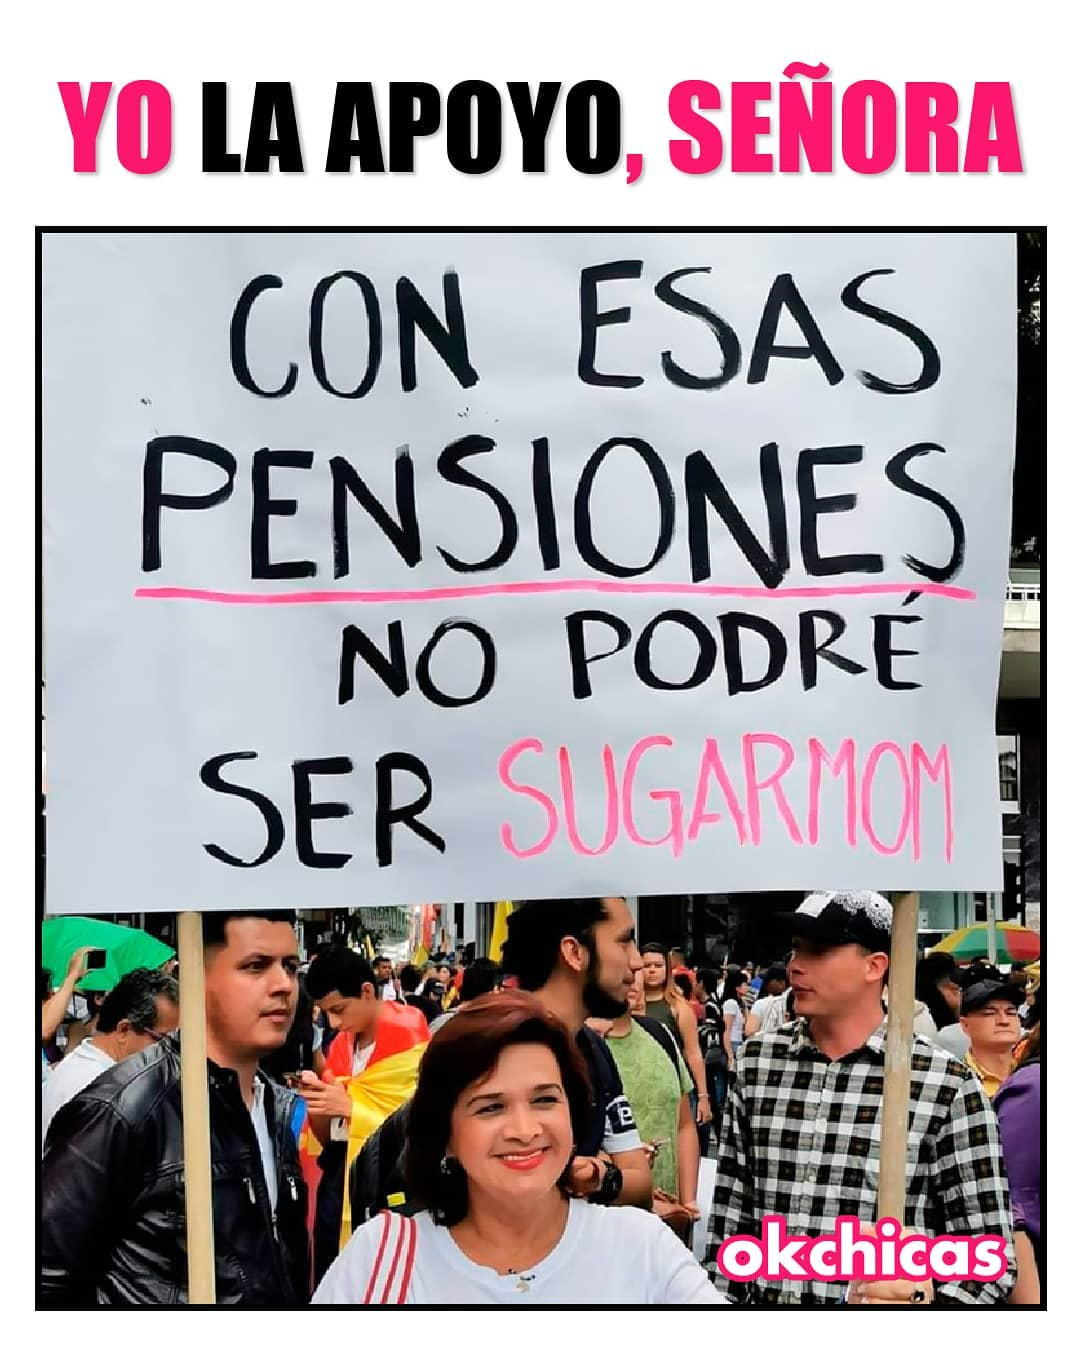 Yo la apoyo, señora. Con esas pensiones no podré ser sugarmom.